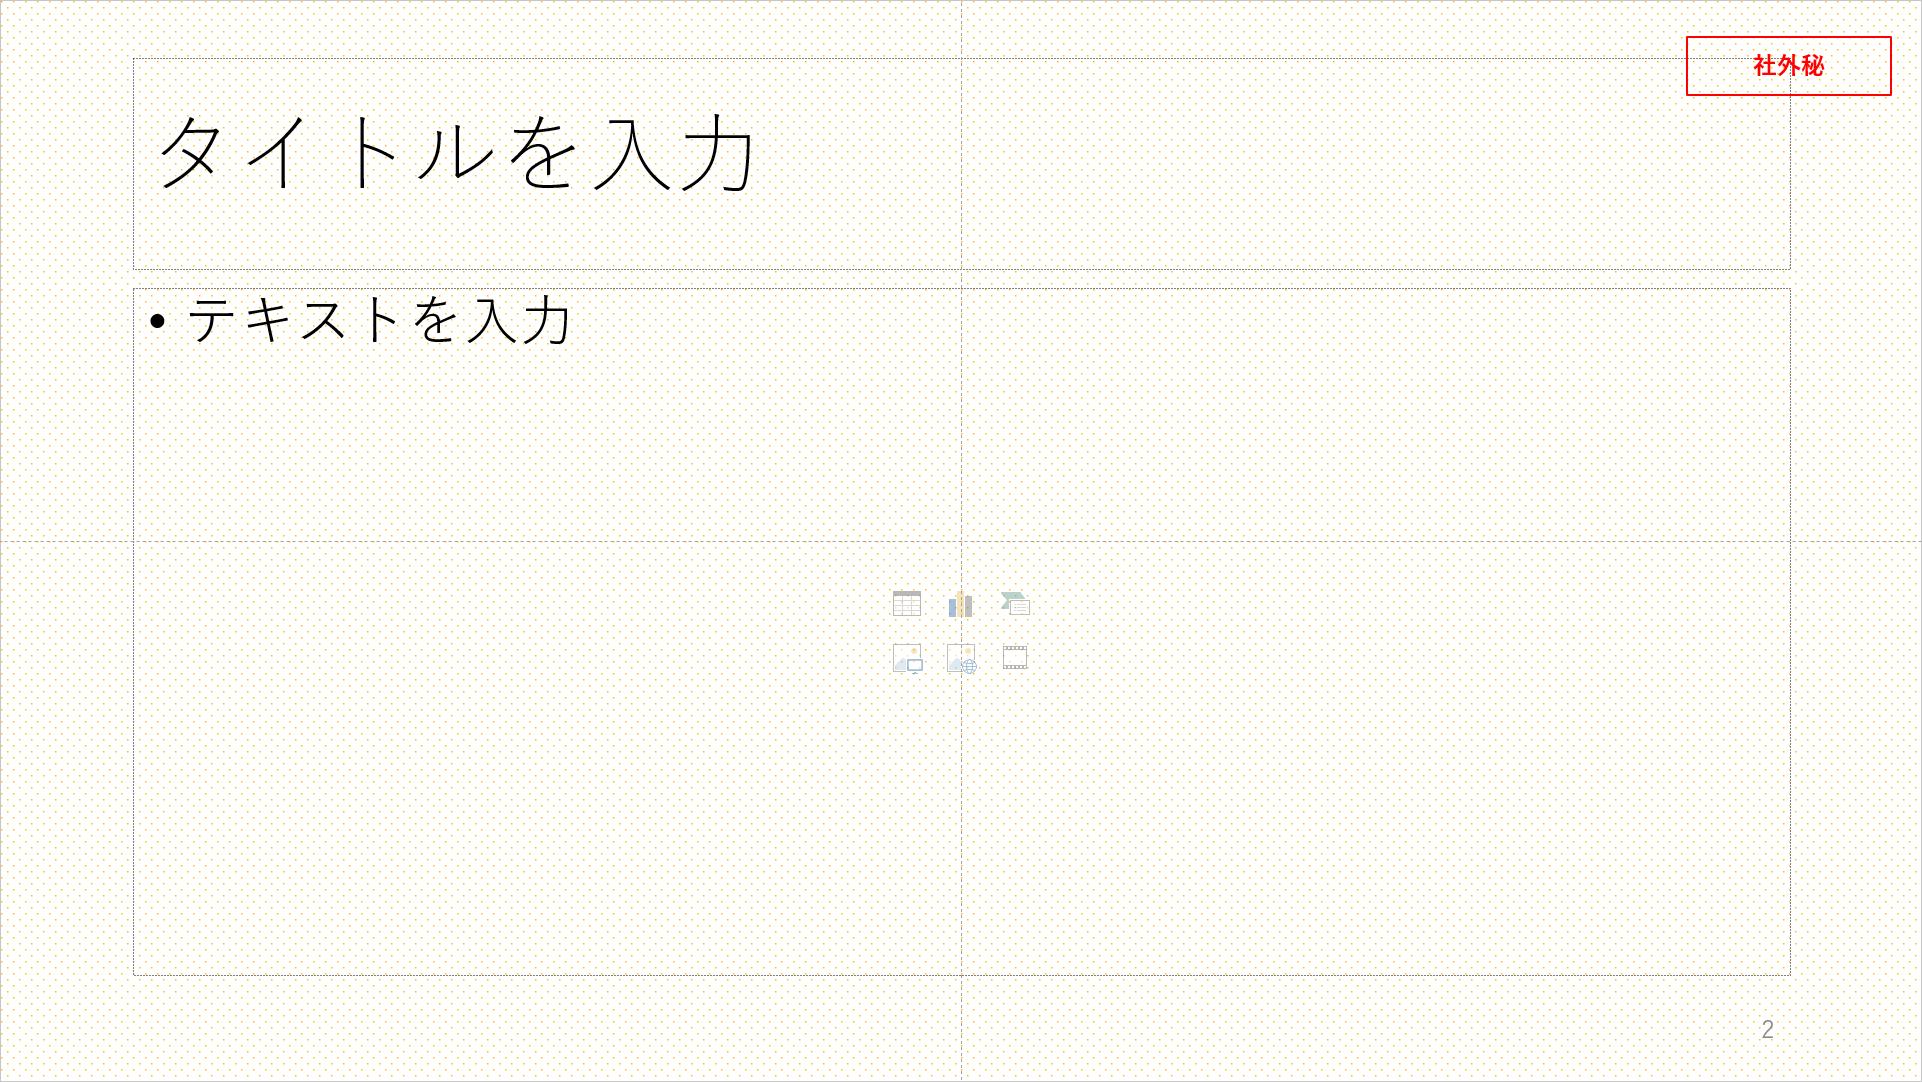 新しいスライド